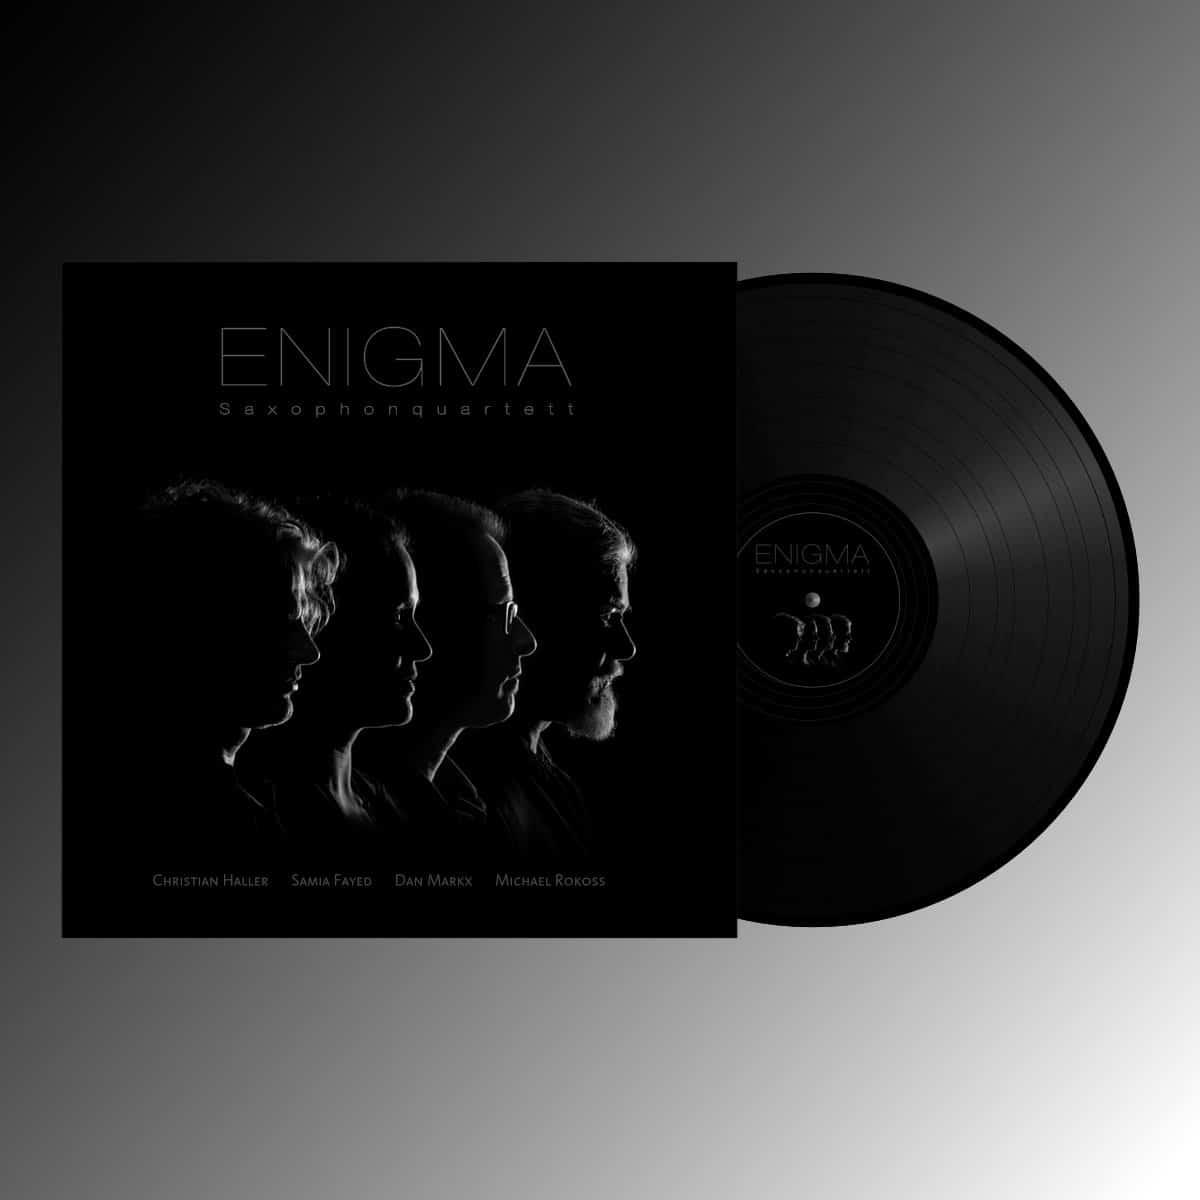 Enigma LP komplett